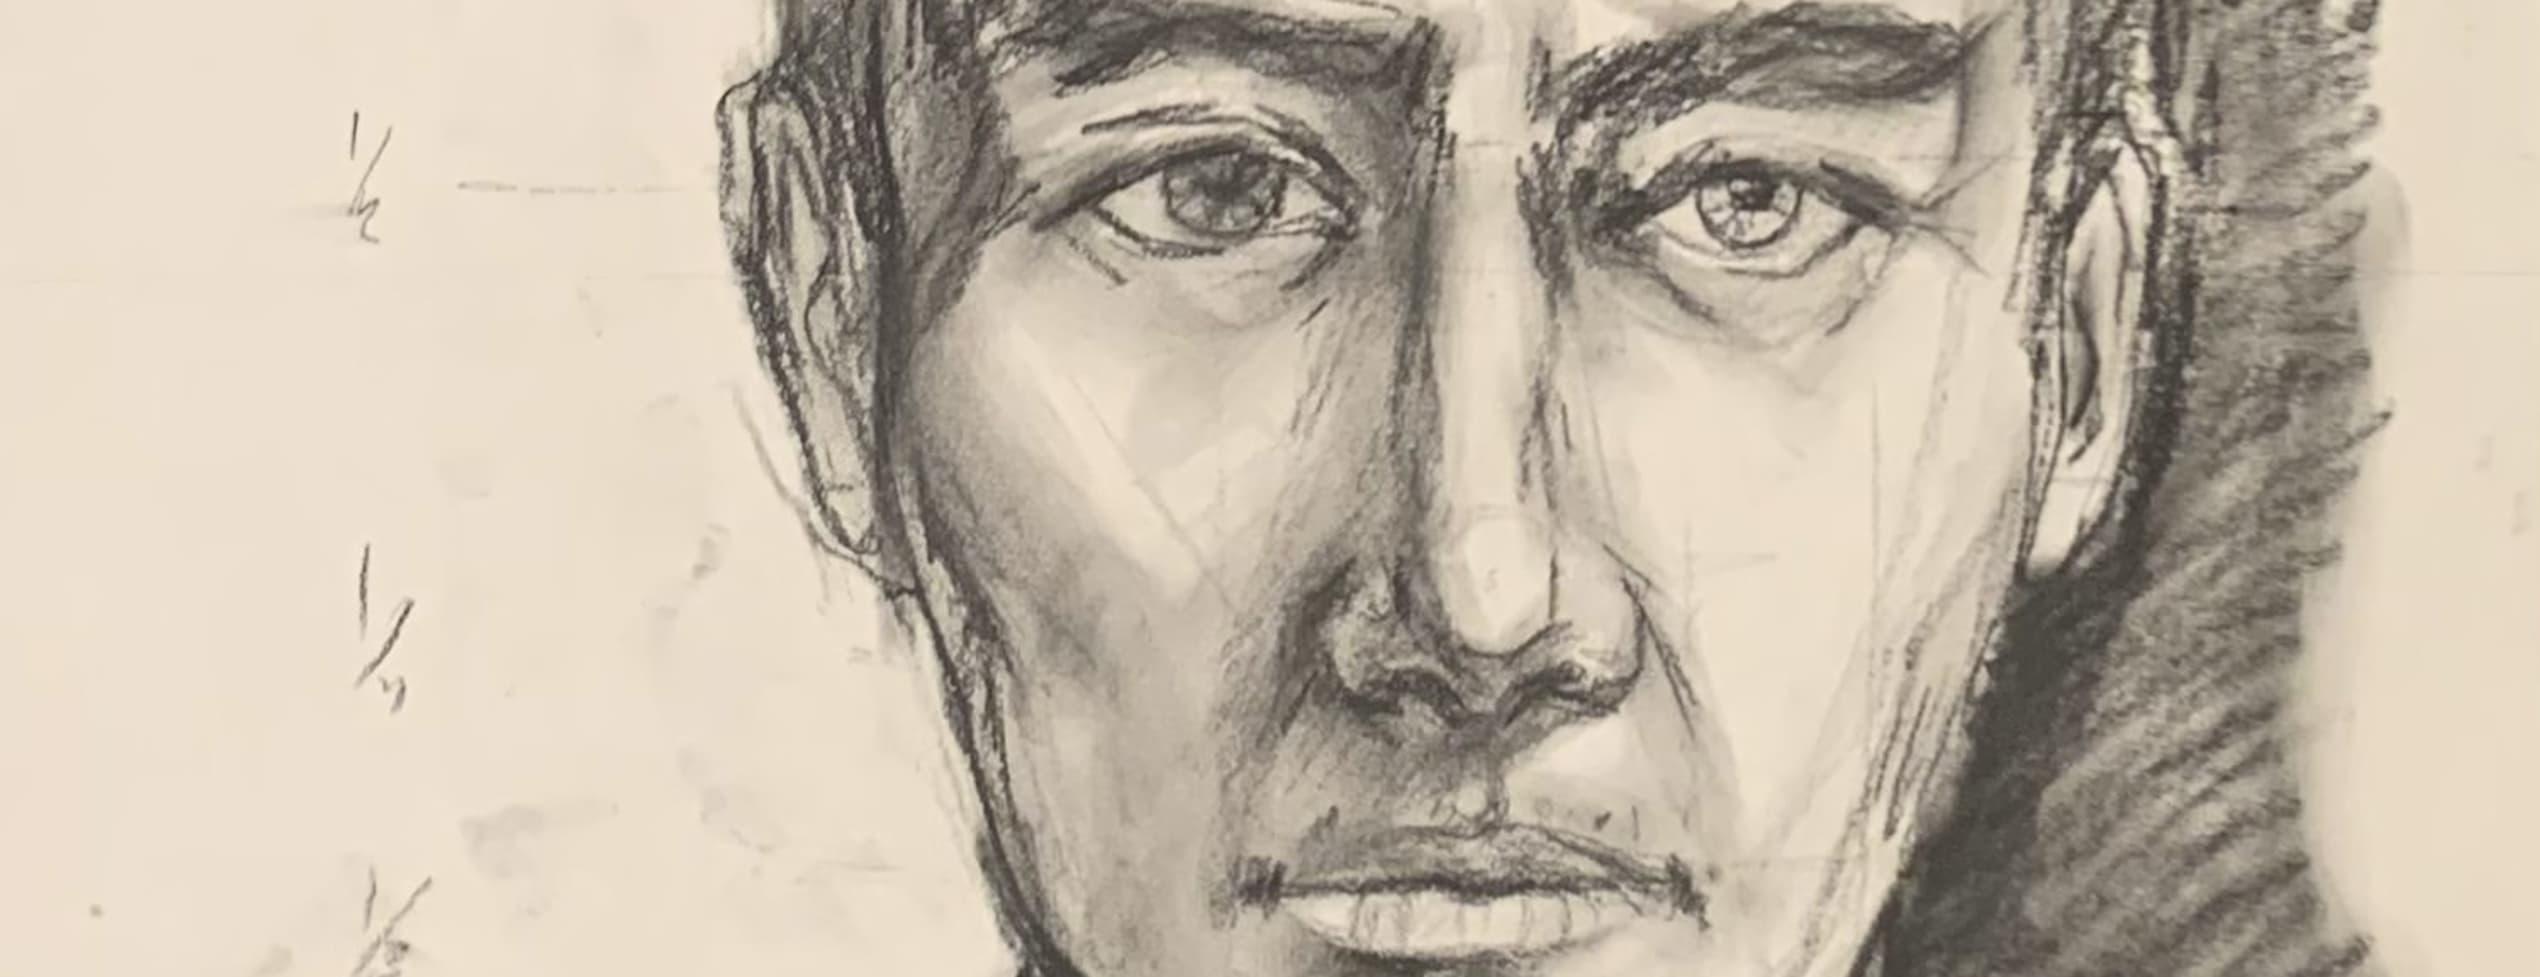 Lär dig att teckna ansikten